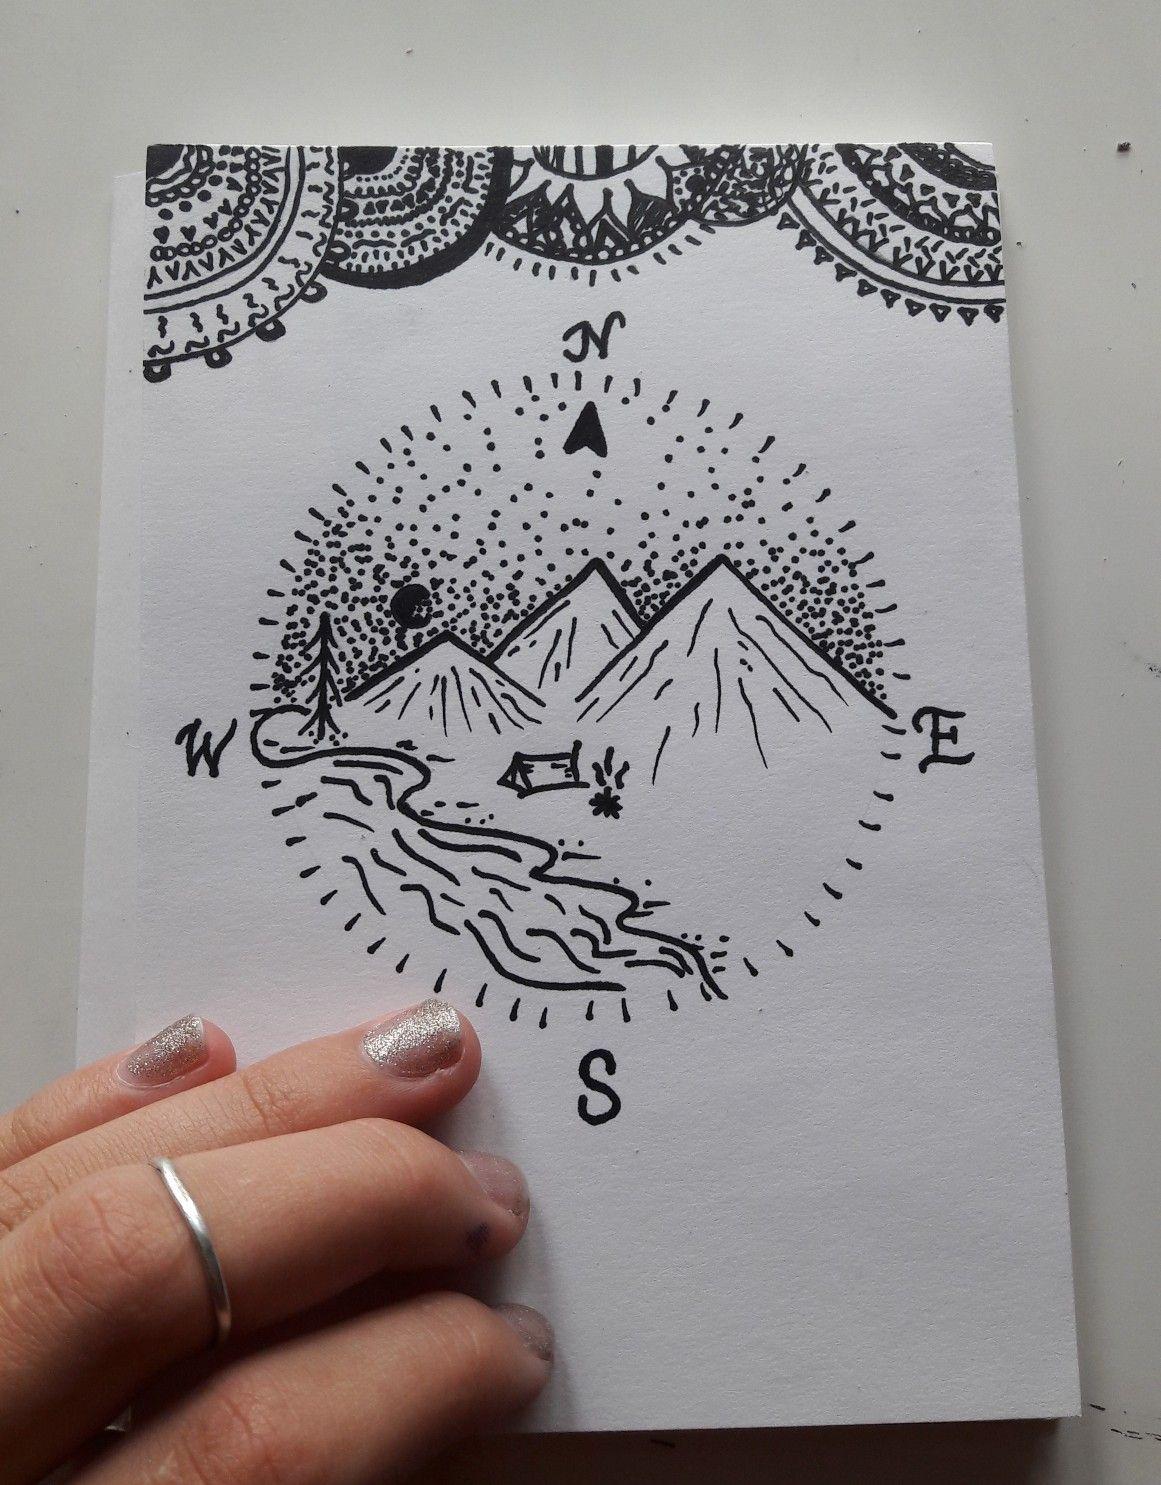 Draw Kompass Malen Welt Berge Muster Tumblr Zeichnen Gemalte Welt Tumblr Muster Bilder Malen Einfach